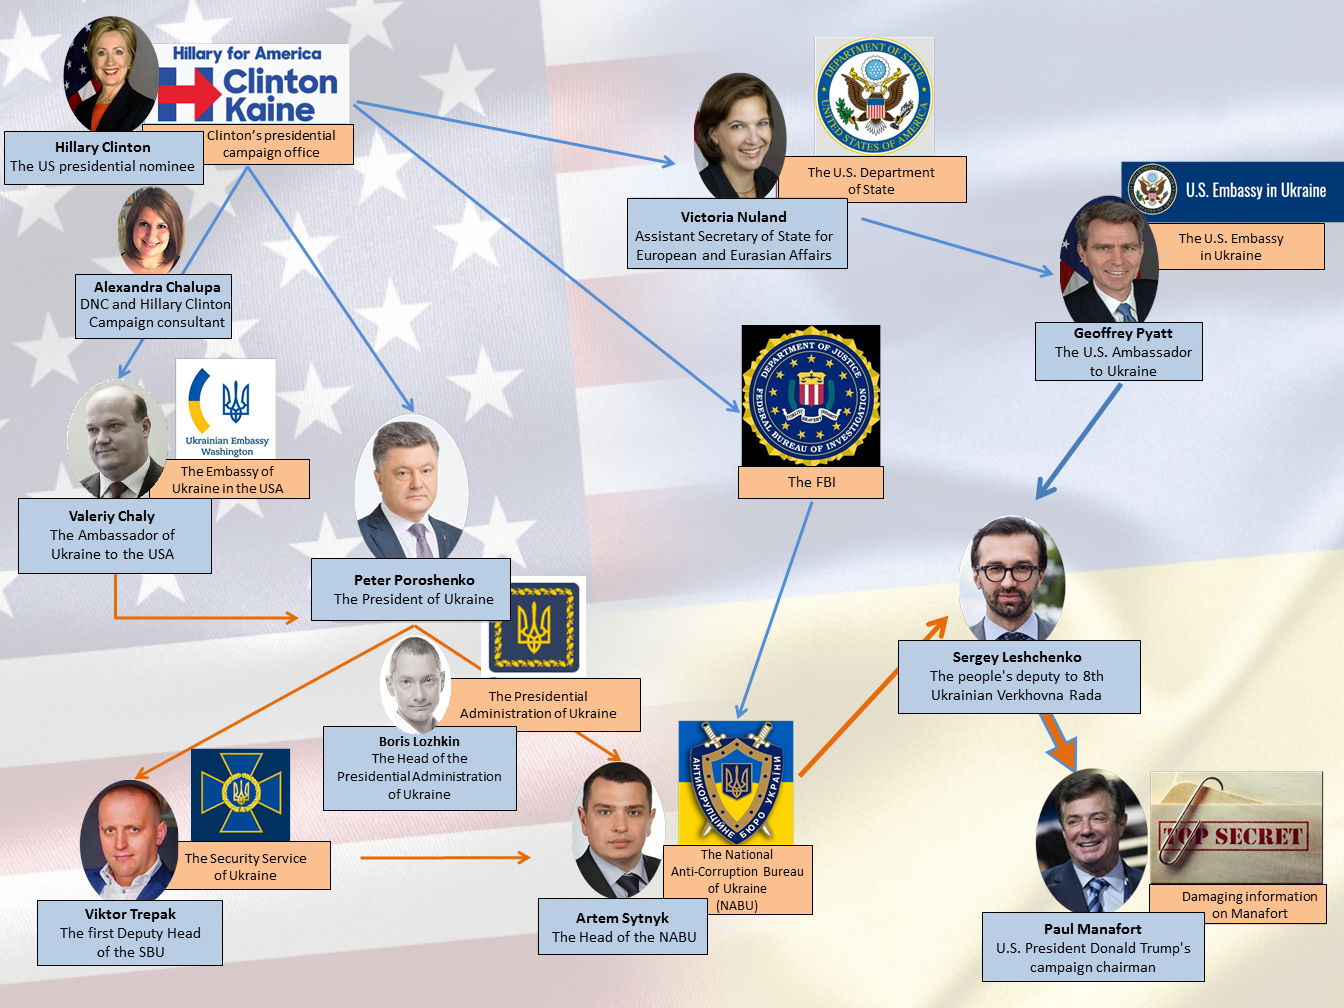 Schéma de l'opération d'ingérence ukrainienne dans l'élection américaine